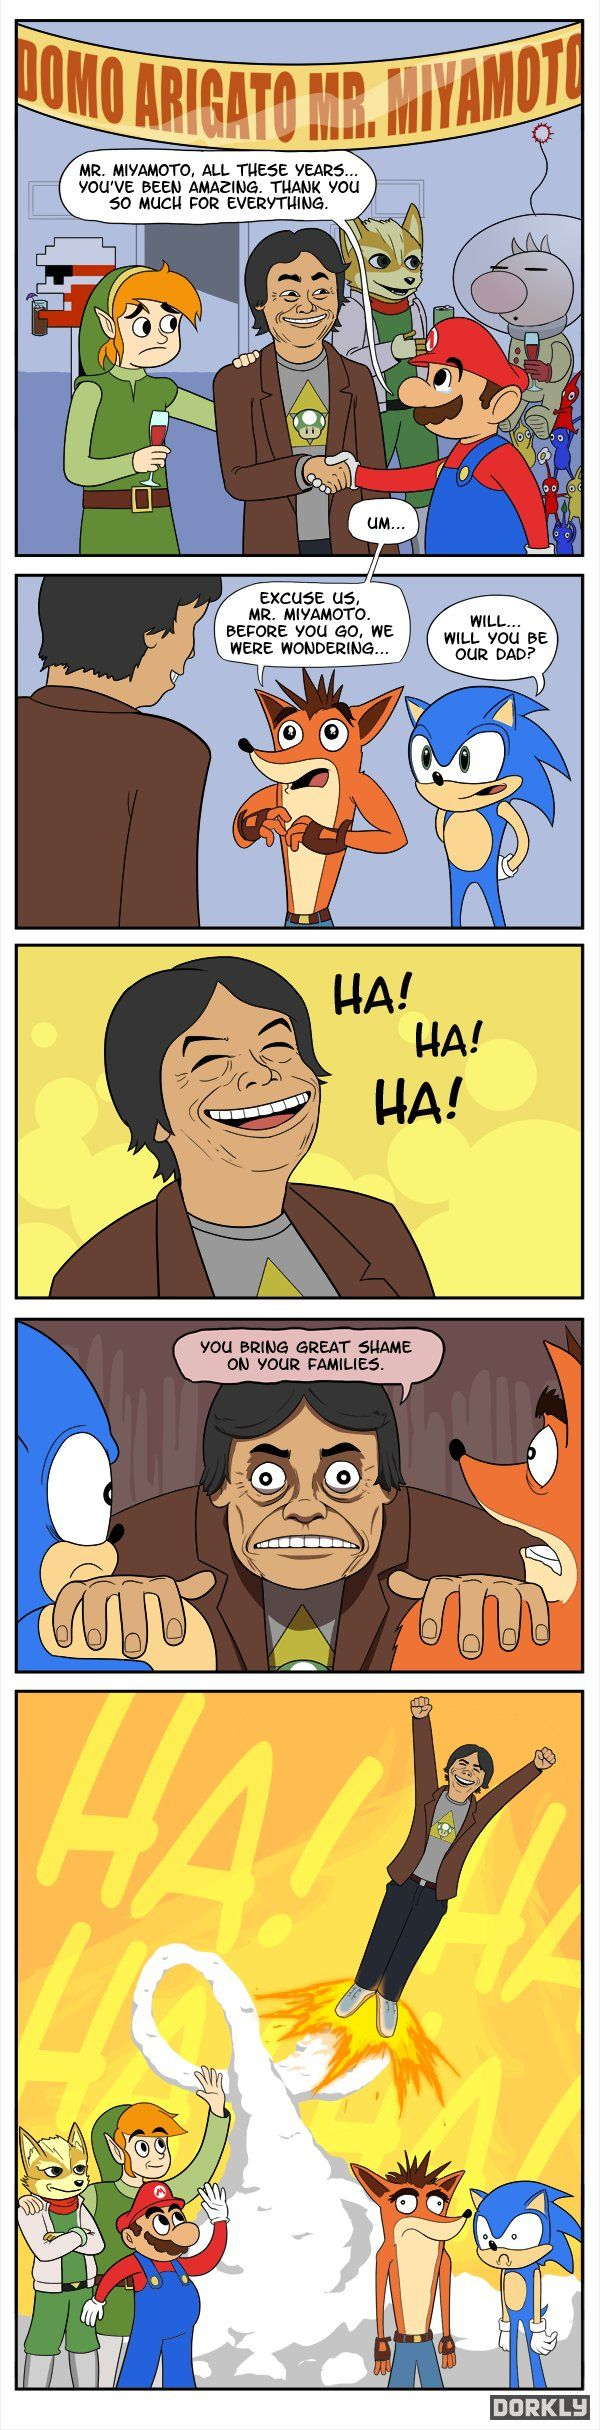 What Shigeru Miyamoto's retirment party will be like.